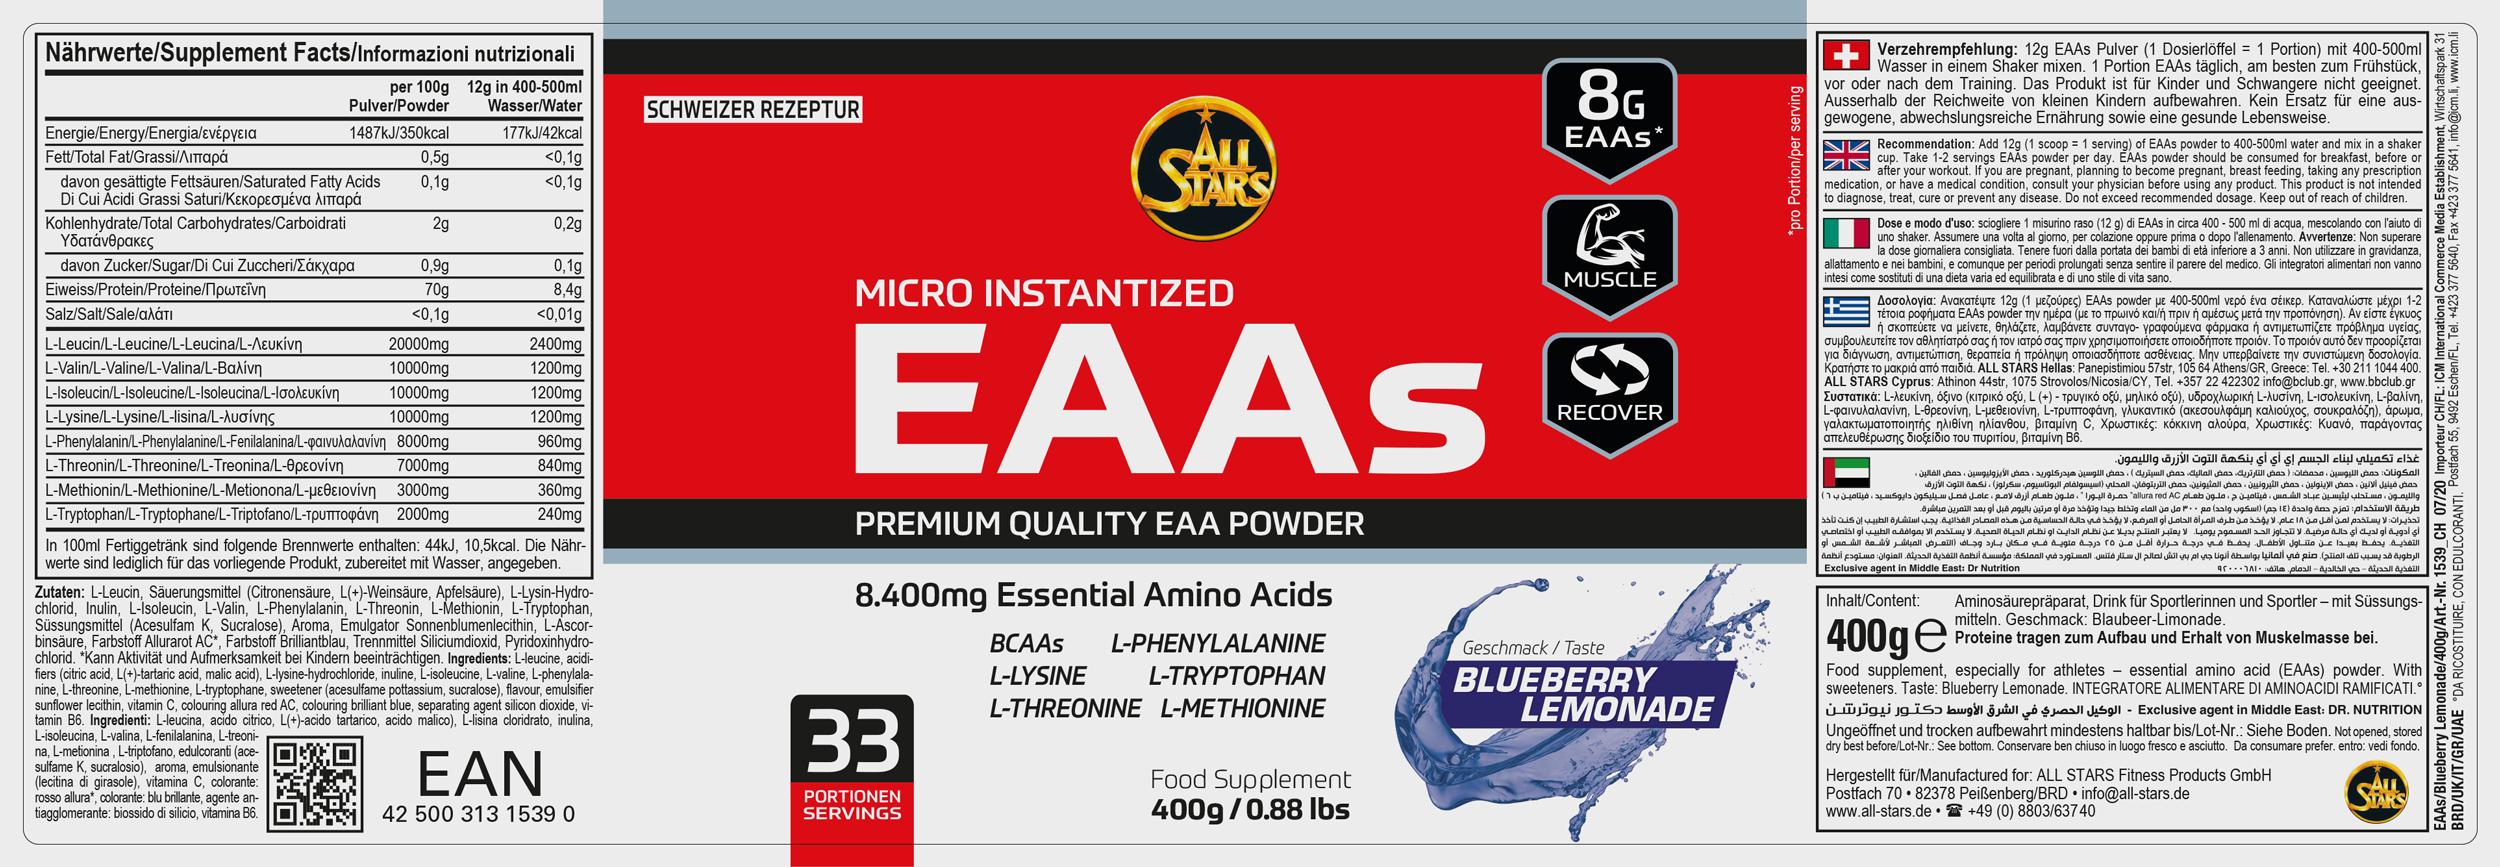 EAAs_Blueberry-Lemonade_CH_DRUCK_EVERT3na1Bta54FEWo